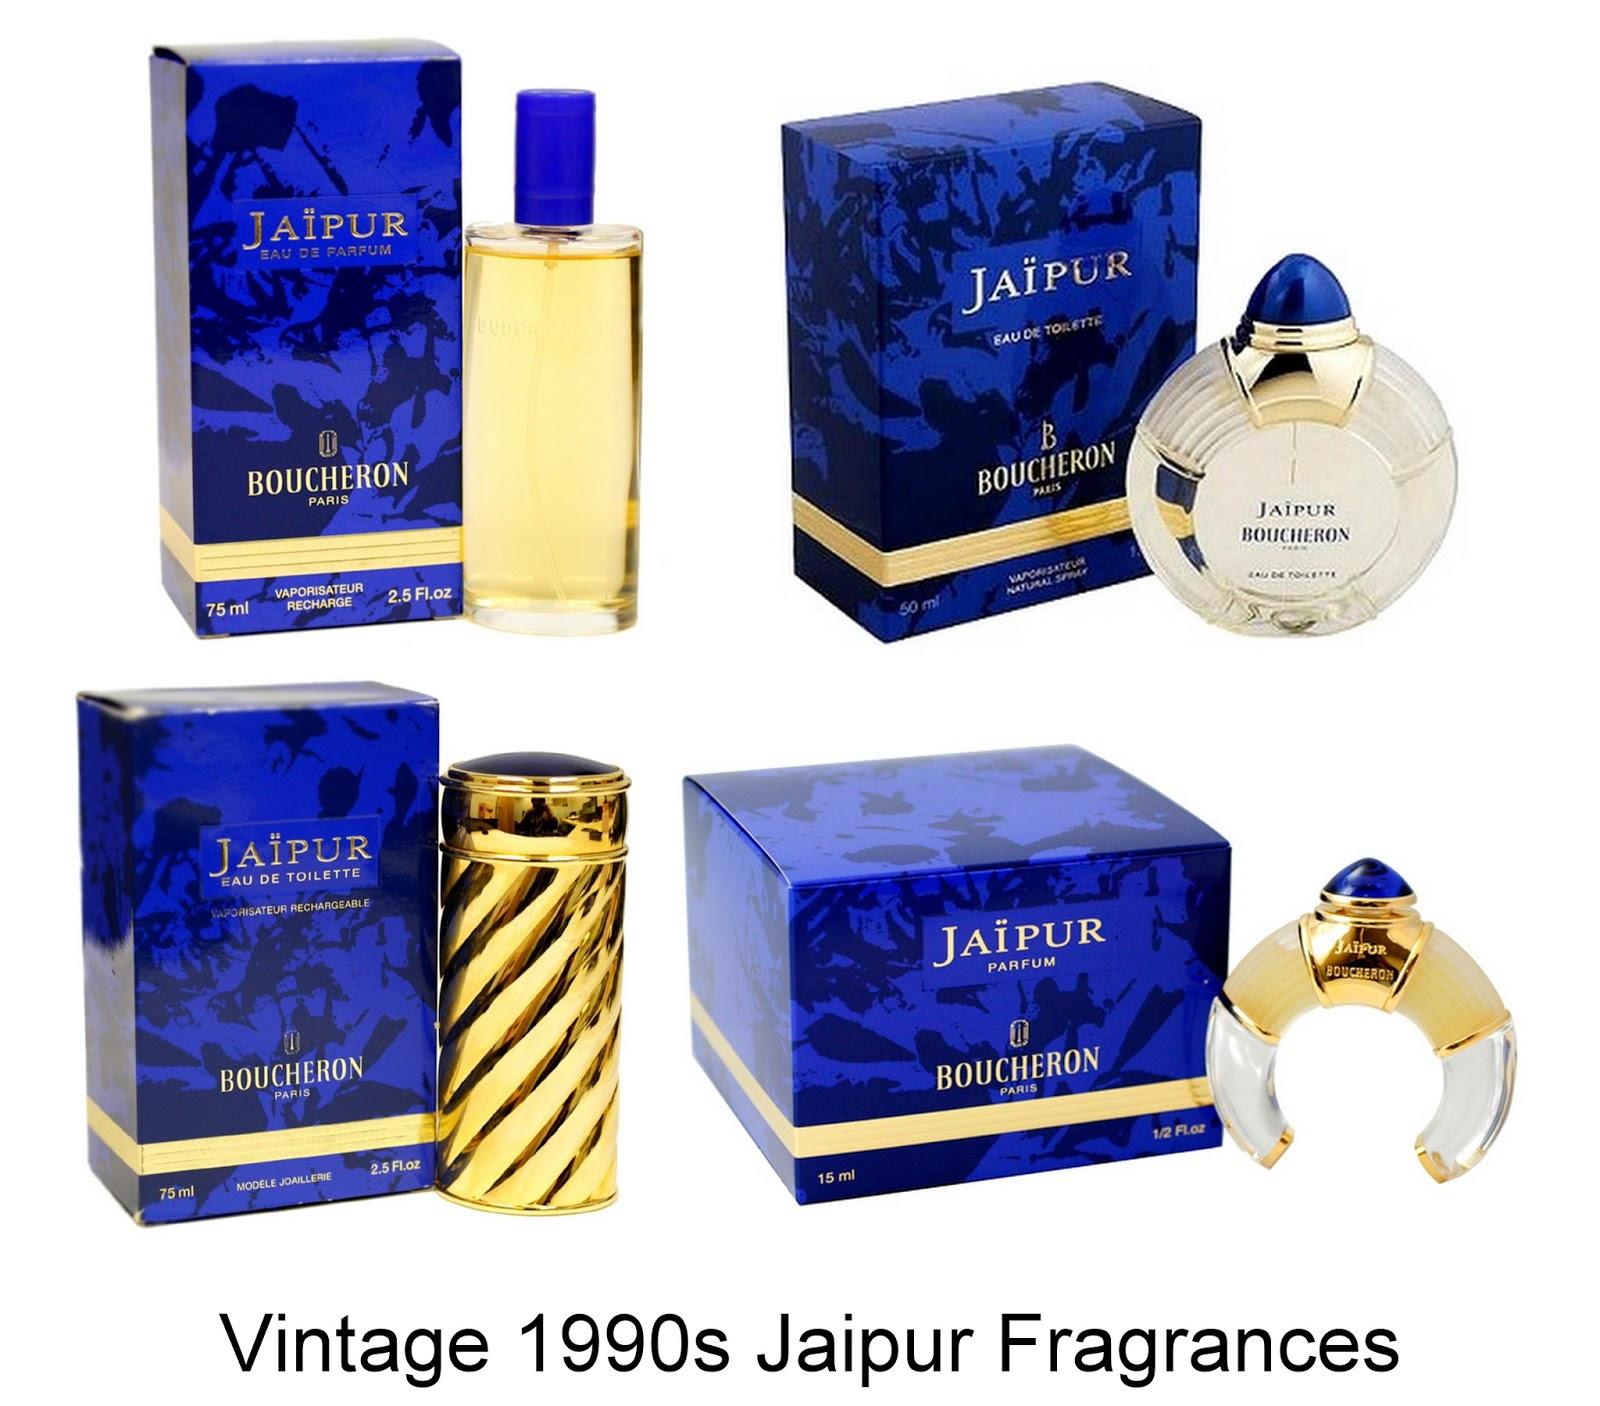 cleopatra u0026 39 s boudoir  jaipur by boucheron c1994